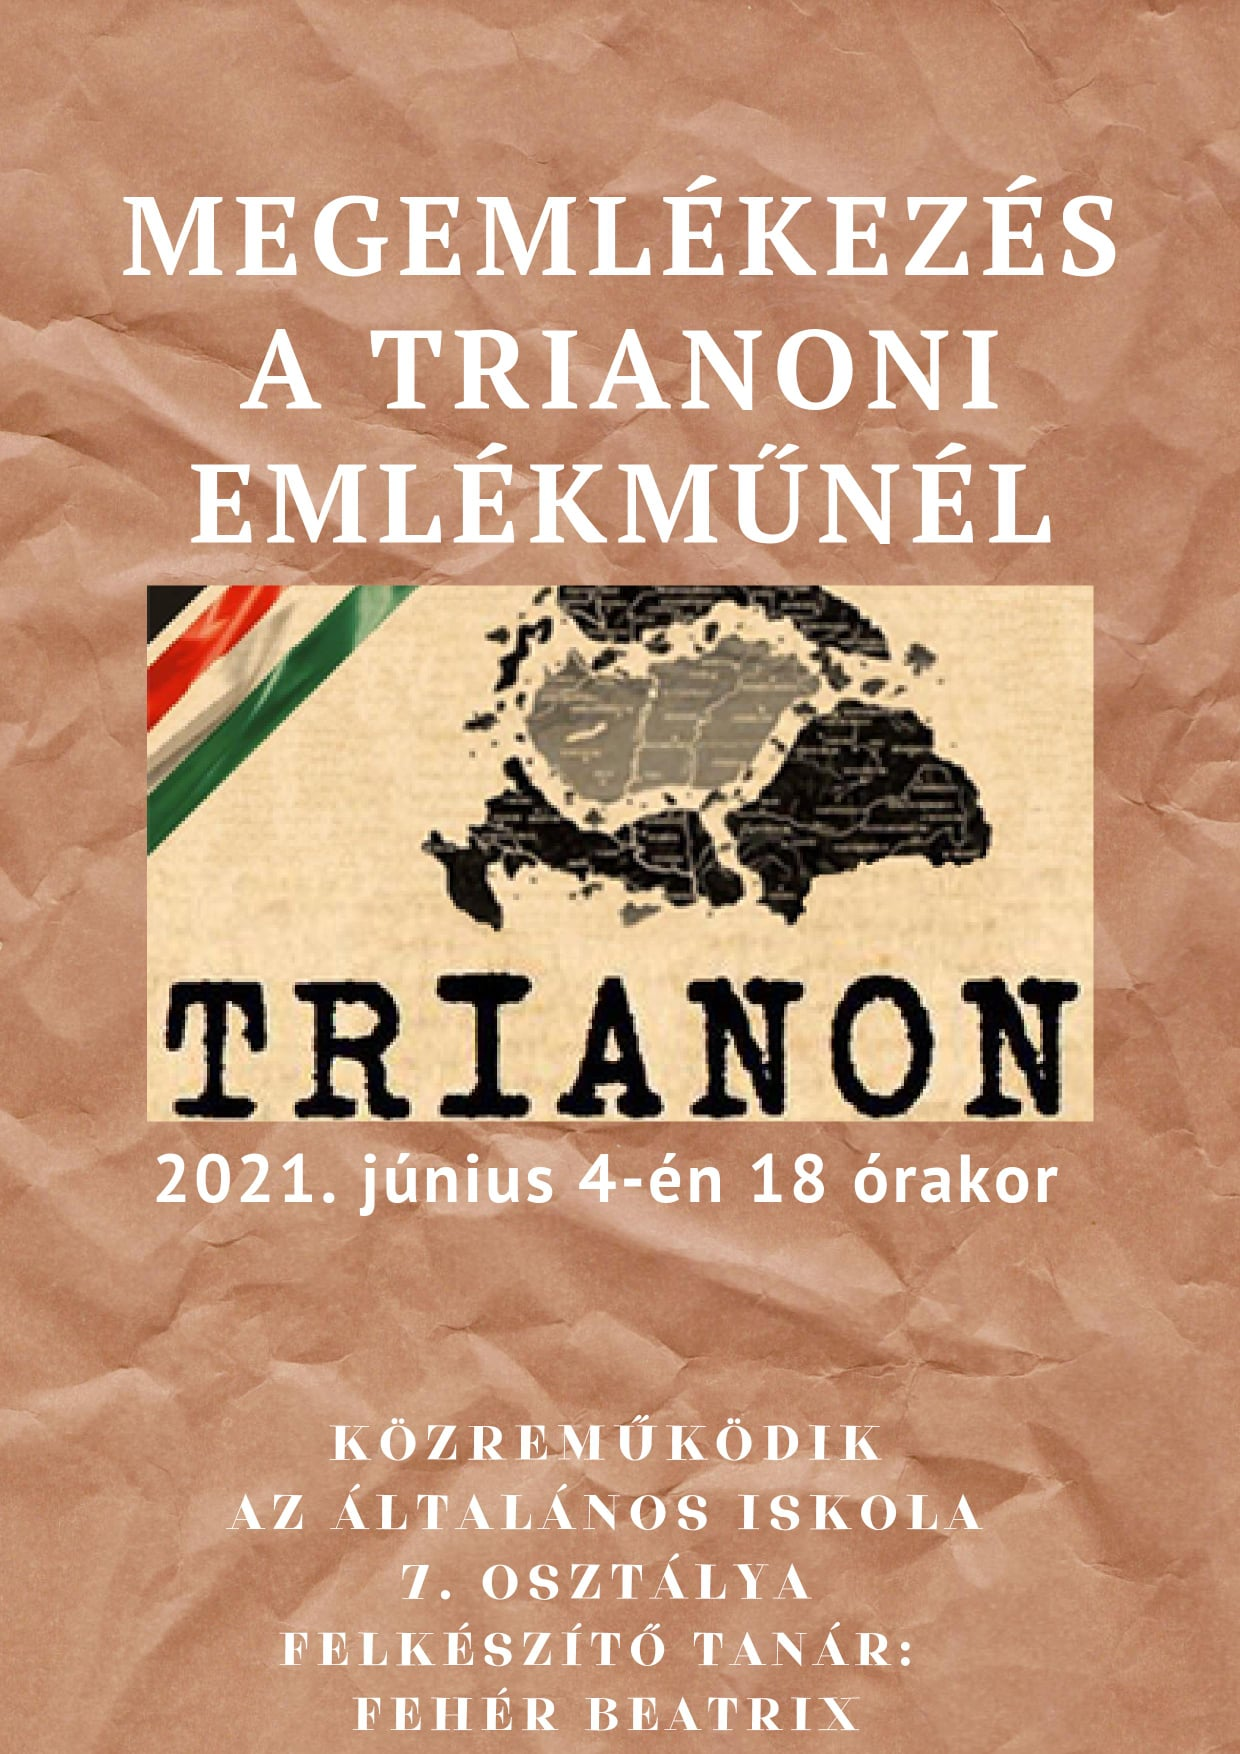 Trianoni megemlékezés